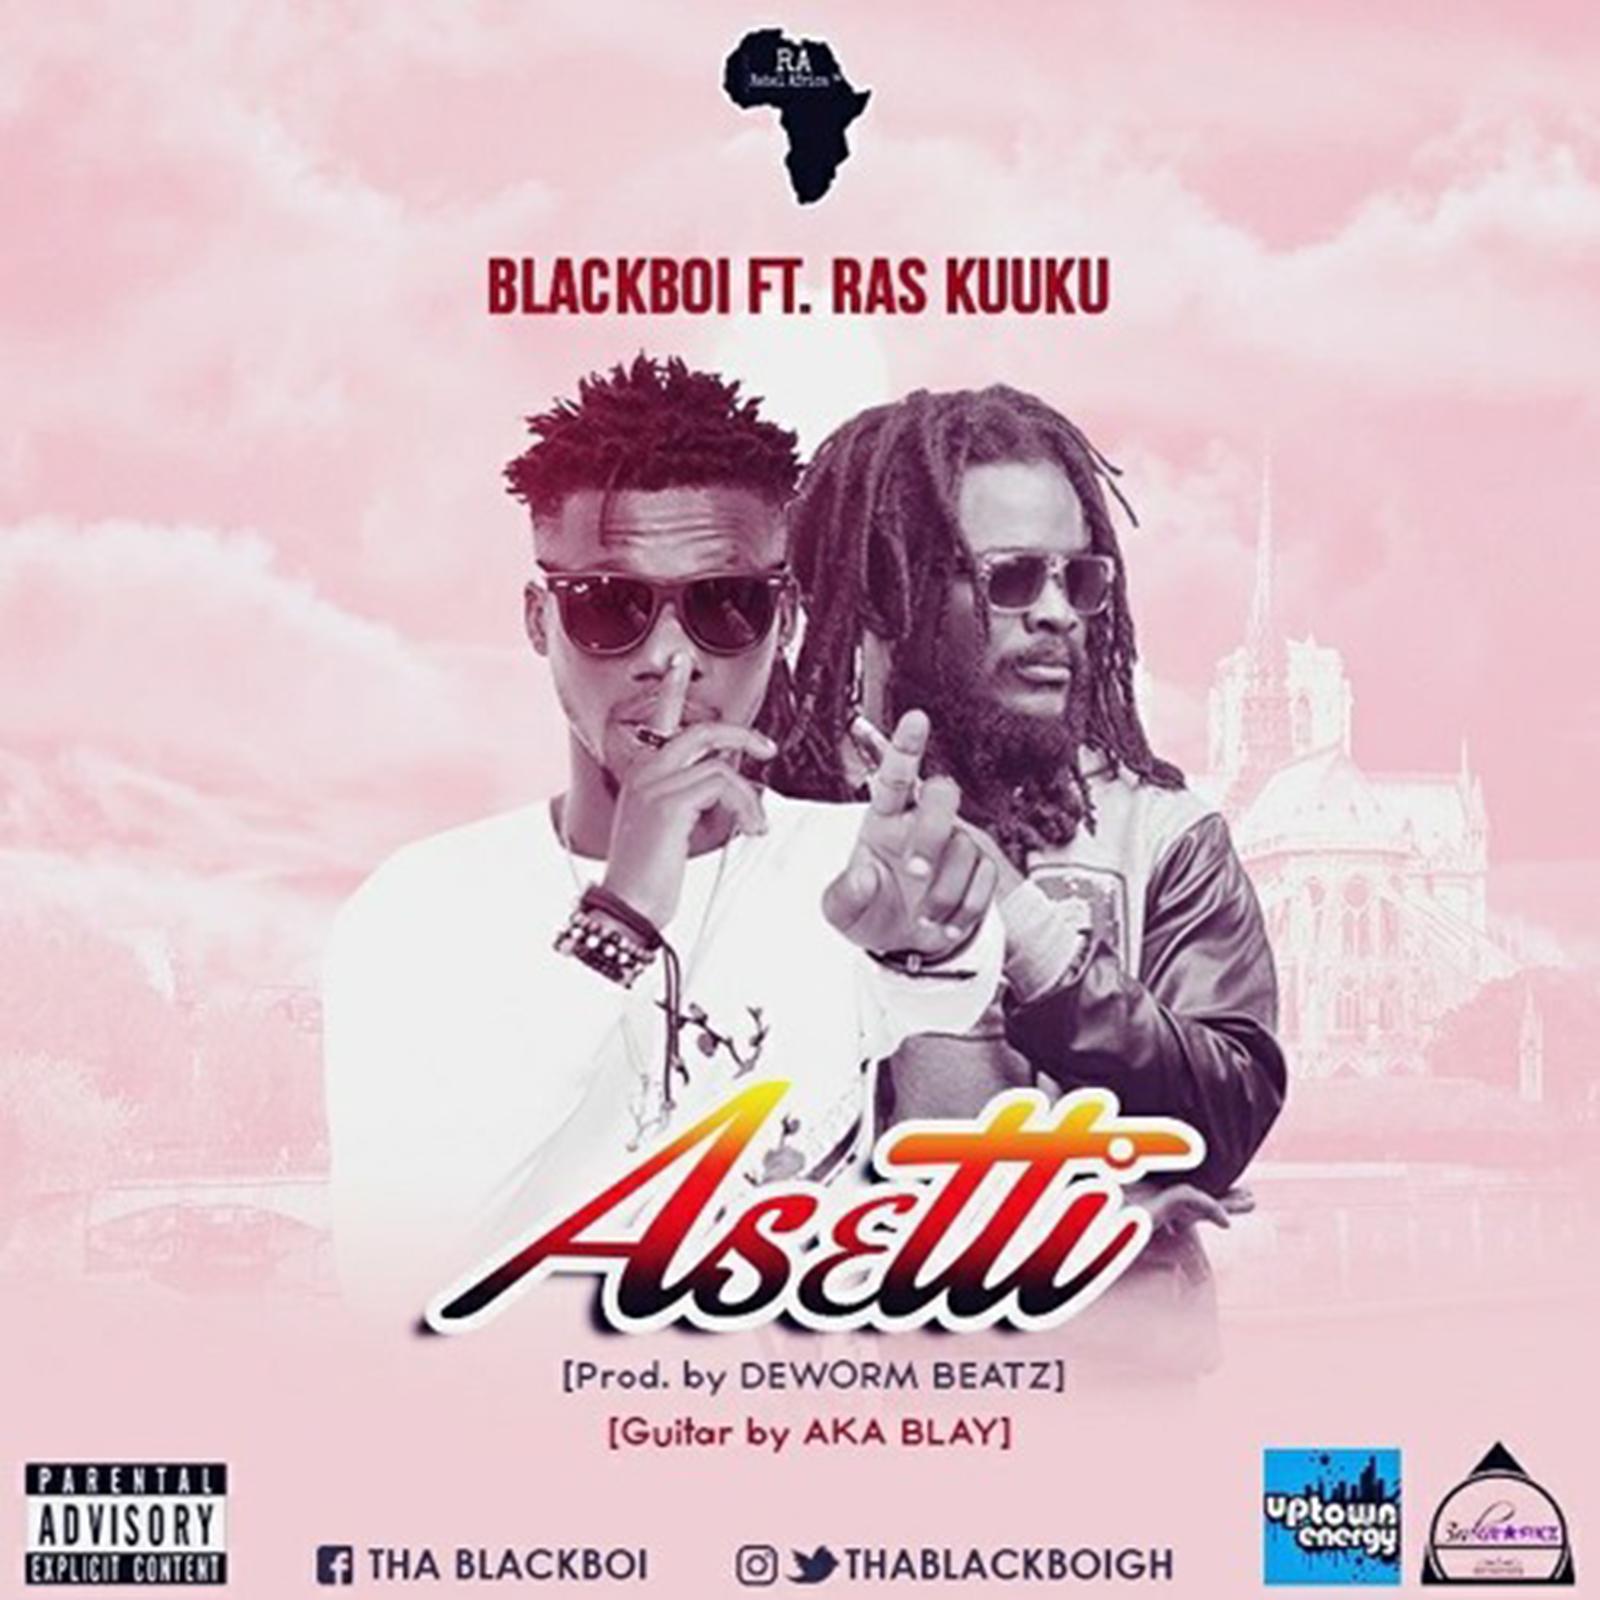 Asetti by Blackboi feat. Ras Kuuku